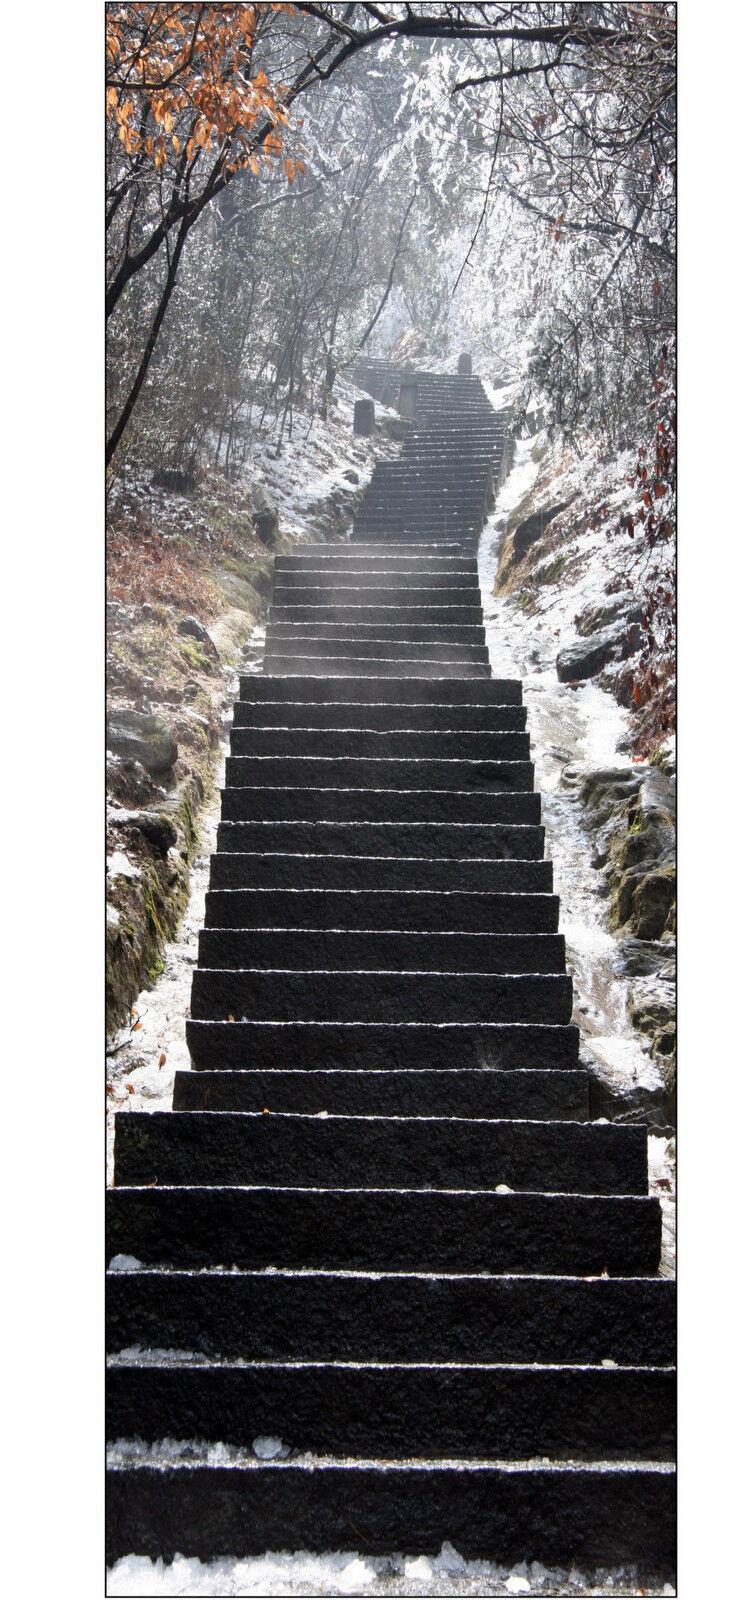 Plakat Plakat Tür Deko Schein Auge Treppe Winter Ref 617 - 4 Größe